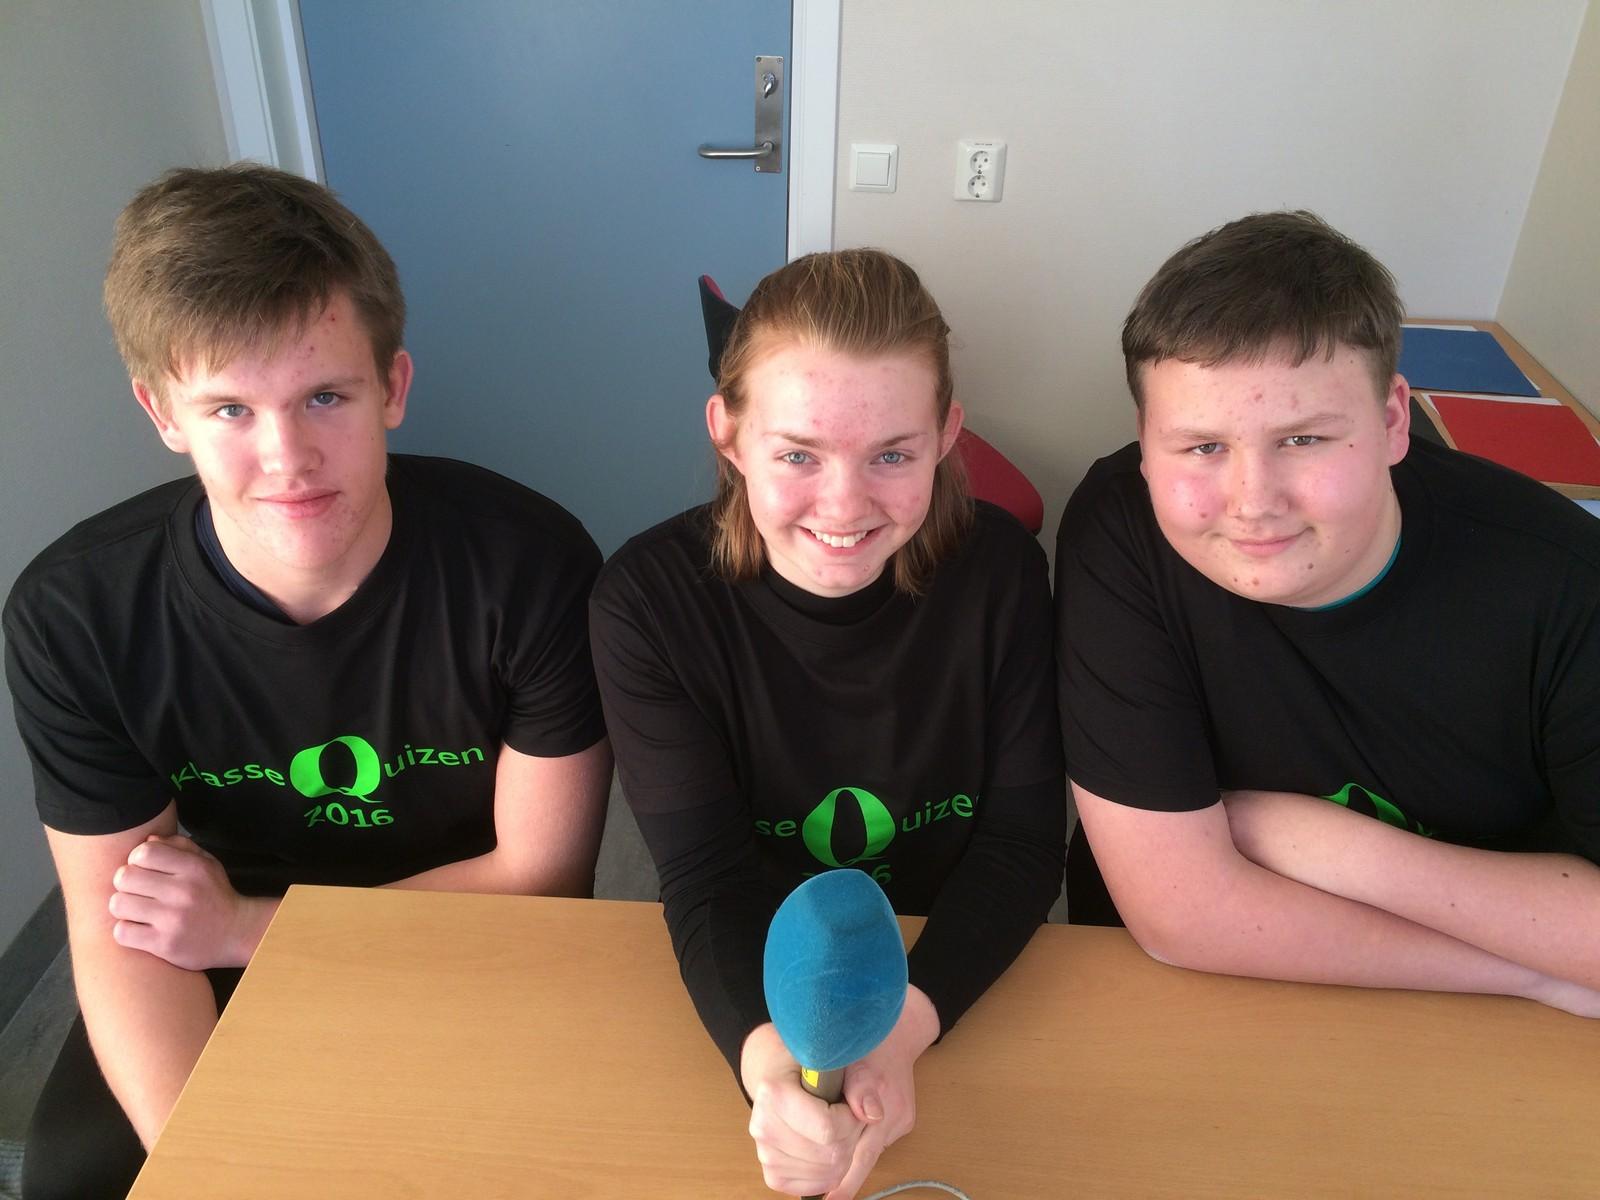 Jonas Hordvik, Karen Brodahl og Ronny Skarabråthen fra Grue barne- og ungdomsskole fikk 8 poeng